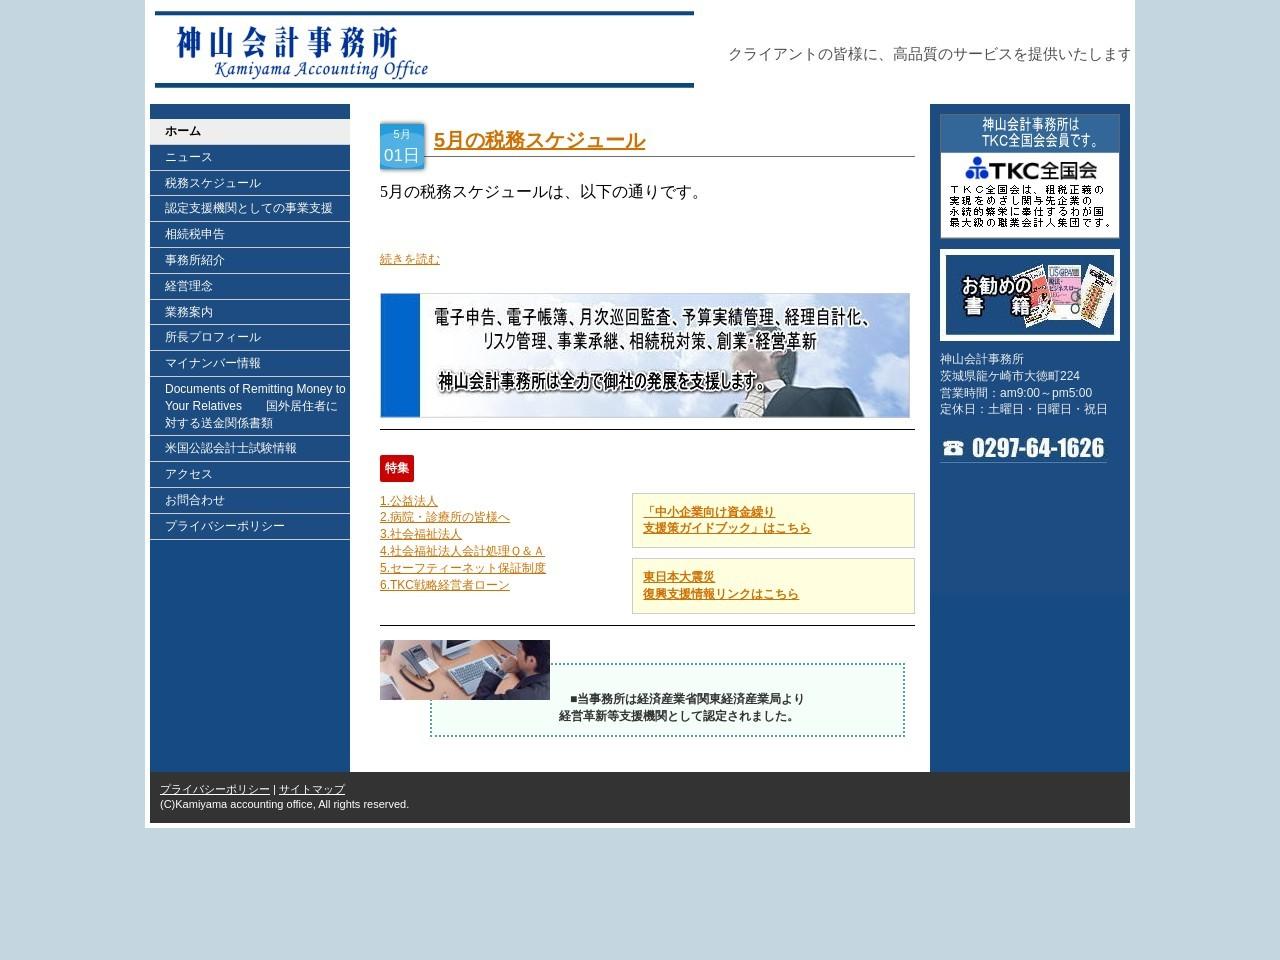 神山税務会計事務所